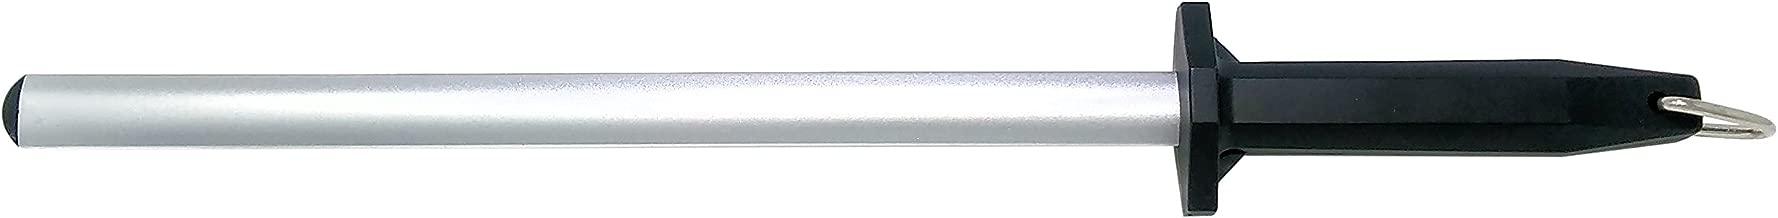 سكاكين مطلية بالماس بيضاوية ومبراة للأدوات - شبكة دقيقة - طبقة ماسية تغطية كاملة صناعية من أجل حياة ممتدة وحتى قرن - تصميم أساسي مجوف من الفولاذ الماسي